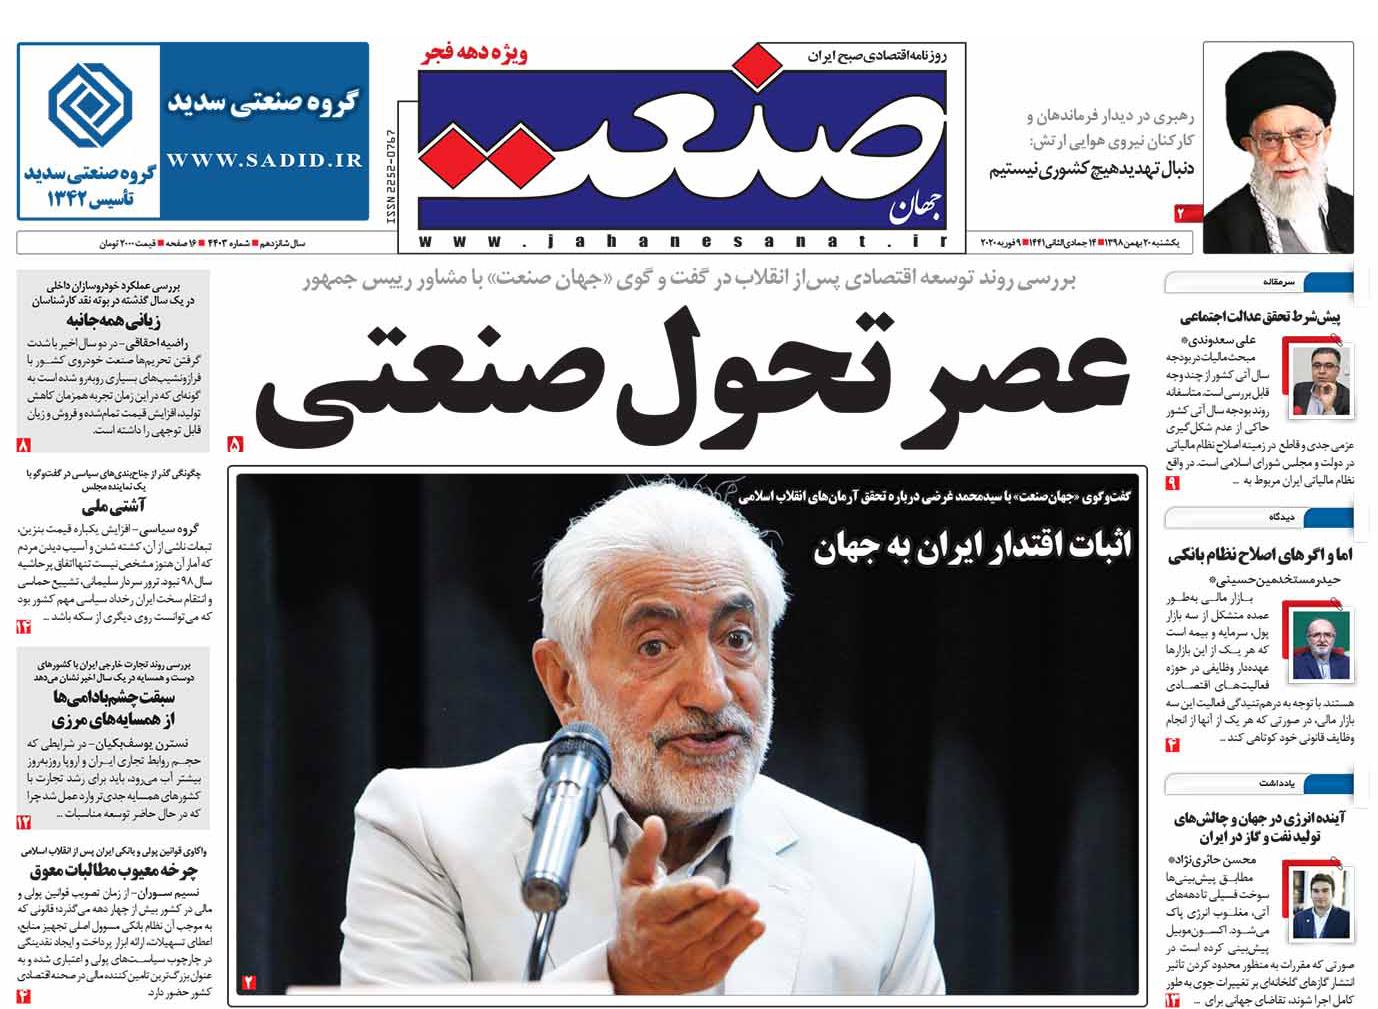 صفحه نخست – ۲۰ بهمن ۱۳۹۸ – ویژه دهه فجر